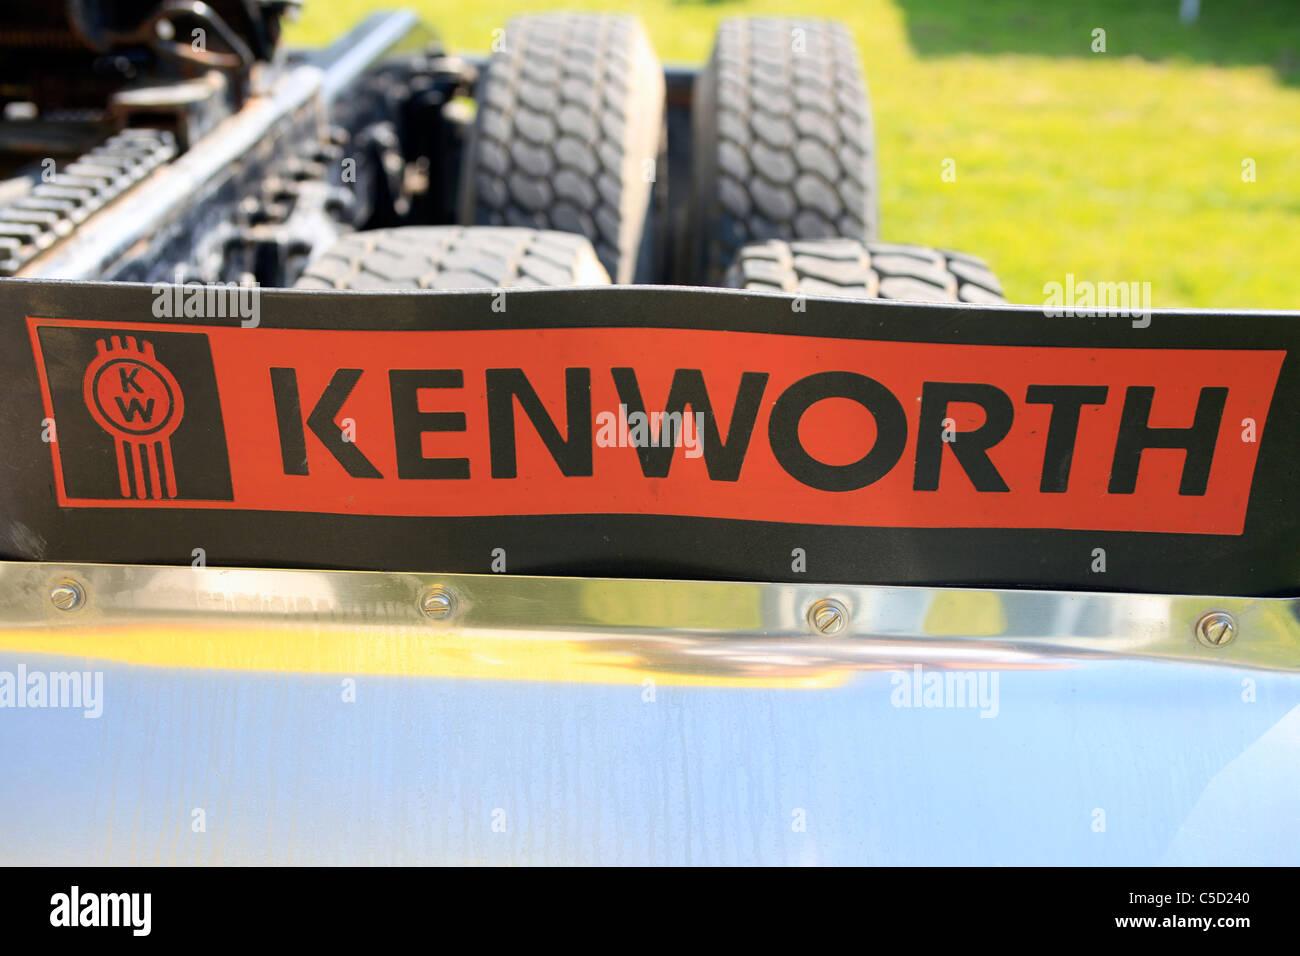 Kenworth Vehicle Logo - Stock Image